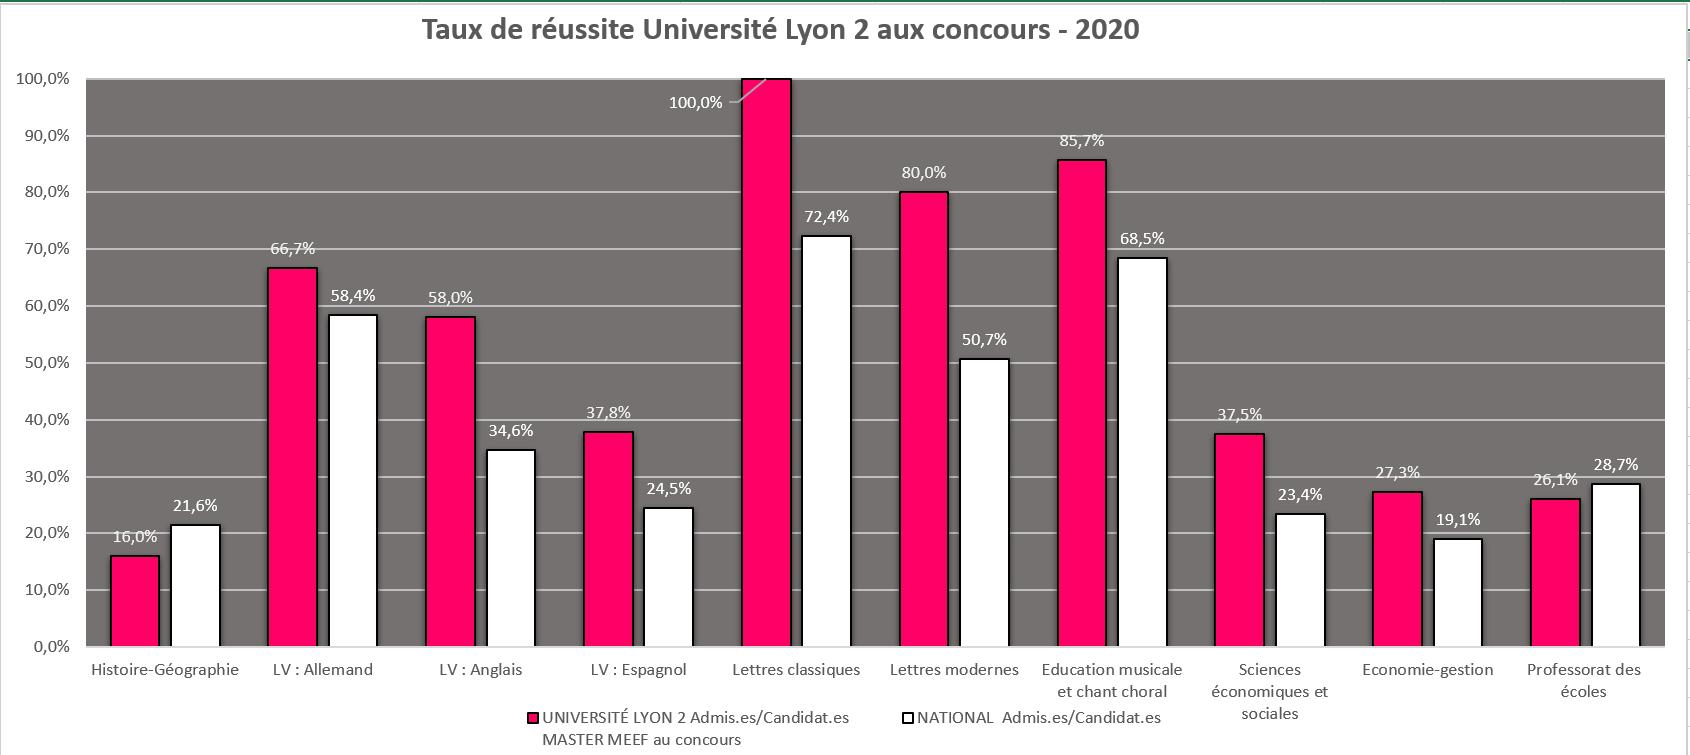 Graphique des résultats 2020